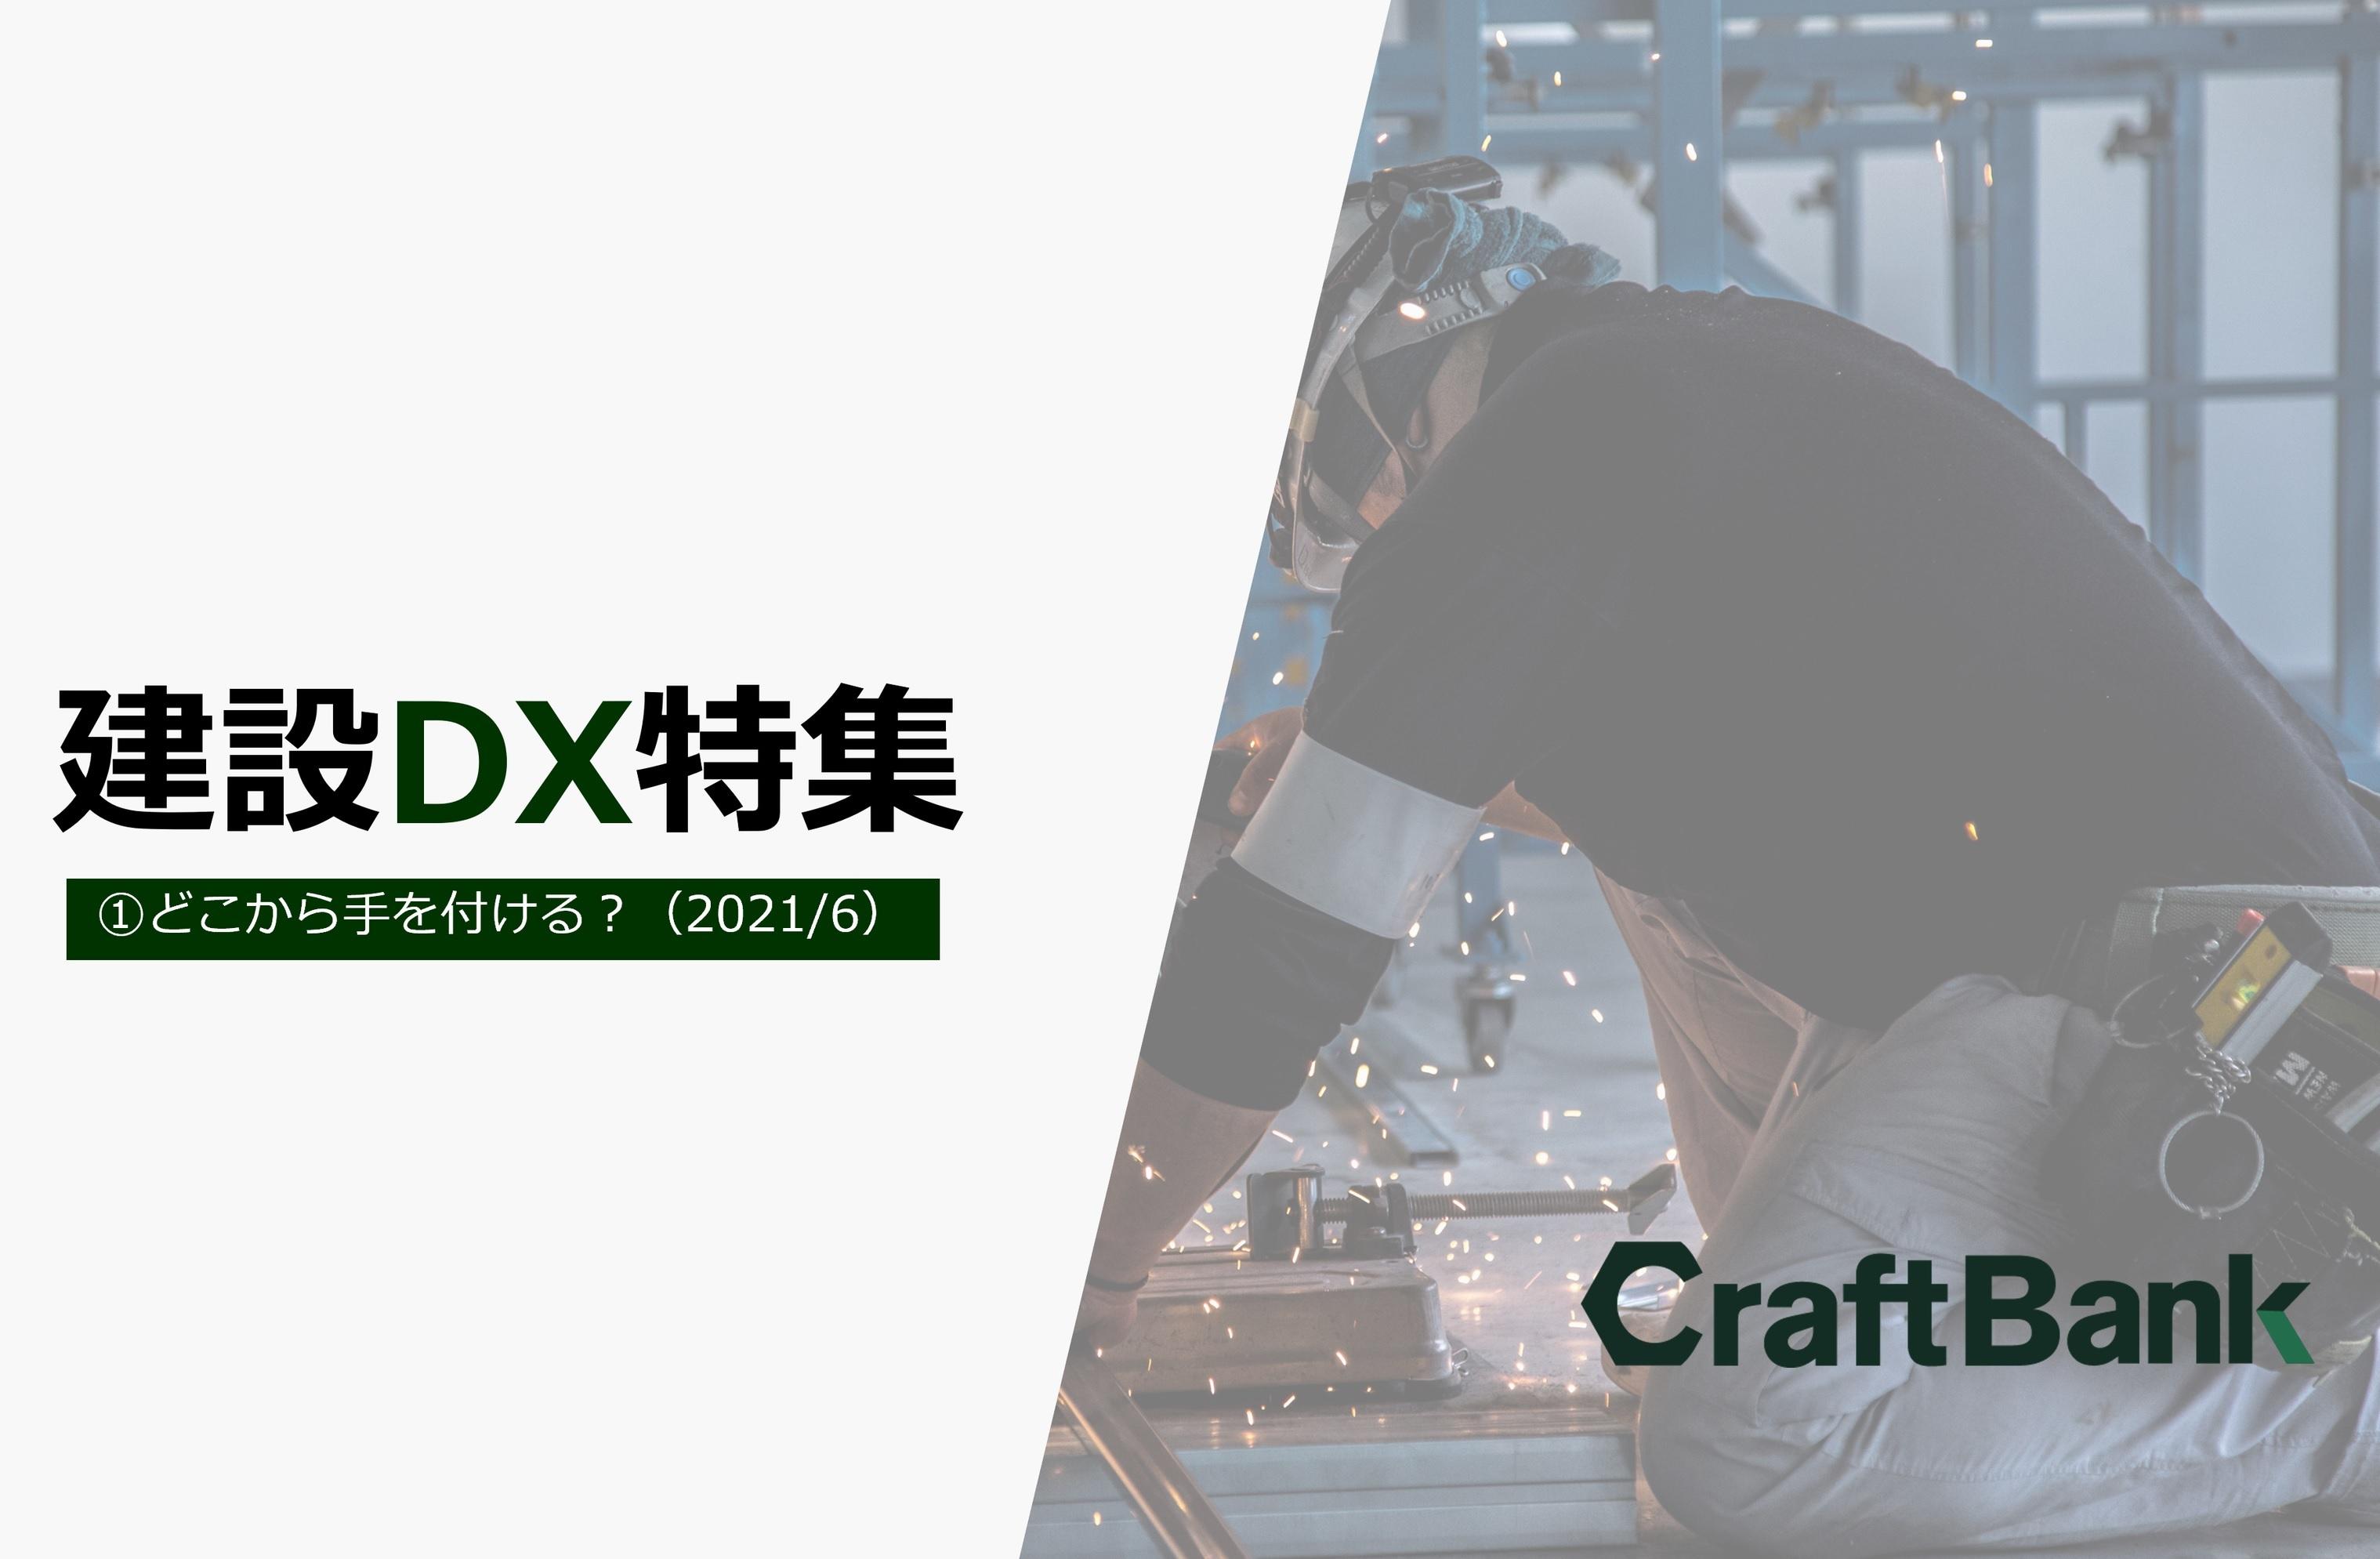 建設DX特集①「どこから手を付ける?」(2021年6月版)